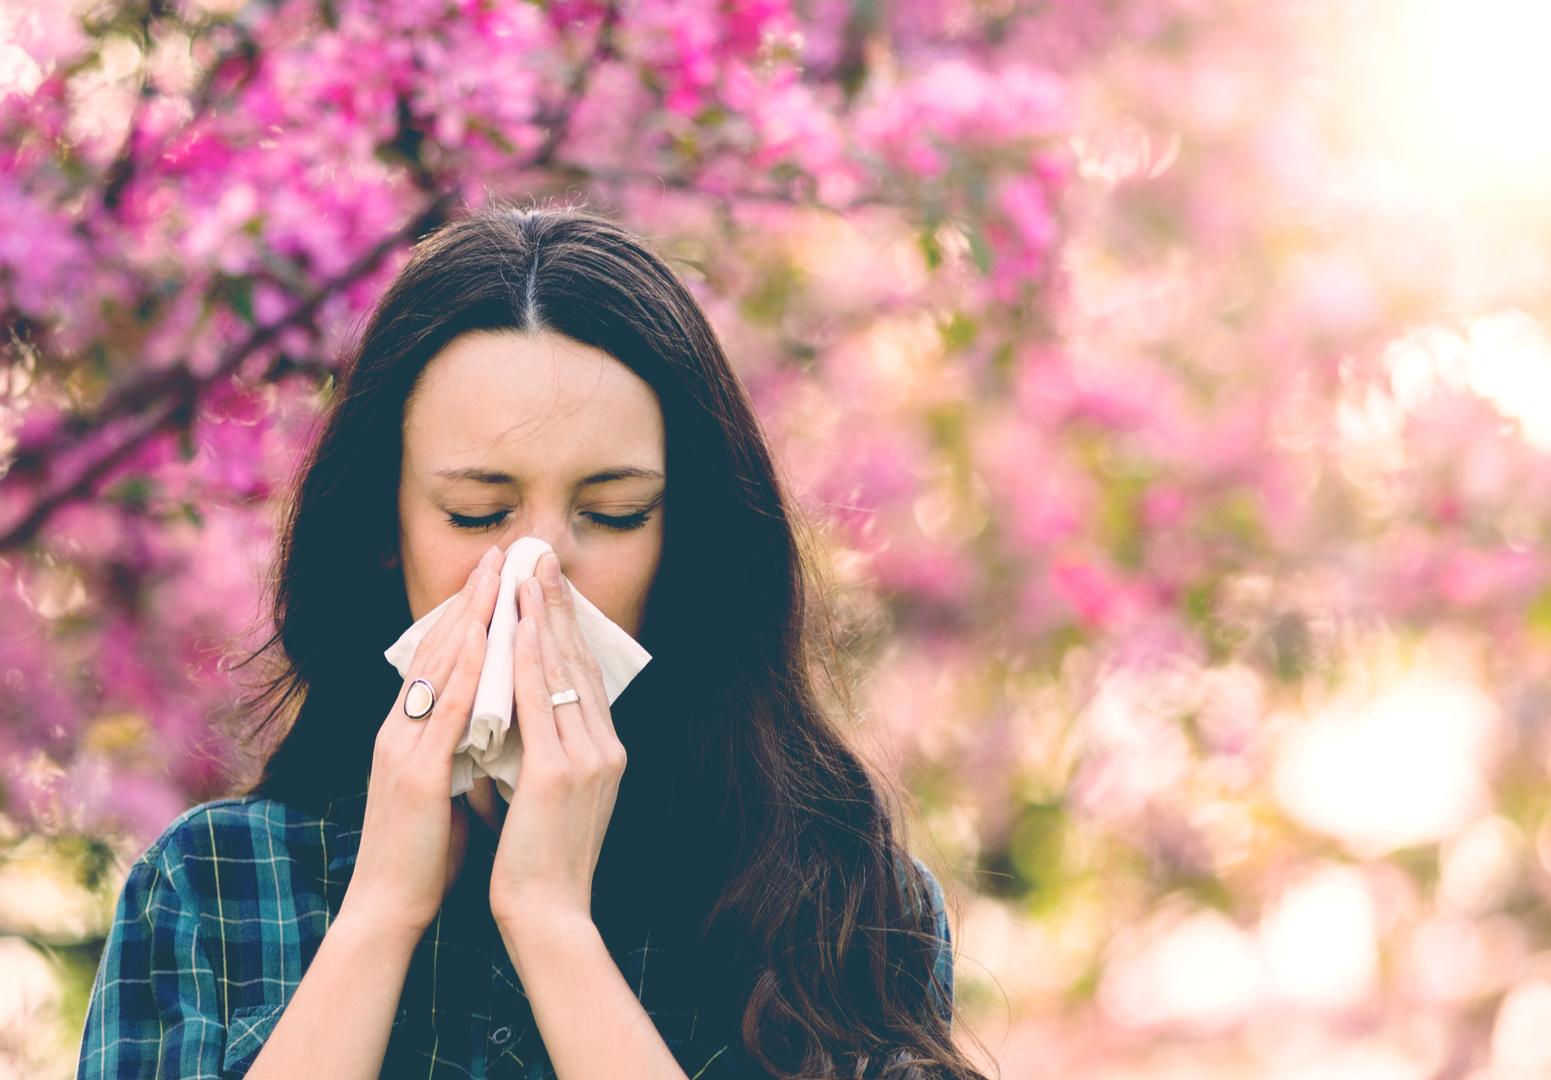 Jak alergicy radzą sobie z soczewkami kontaktowymi?